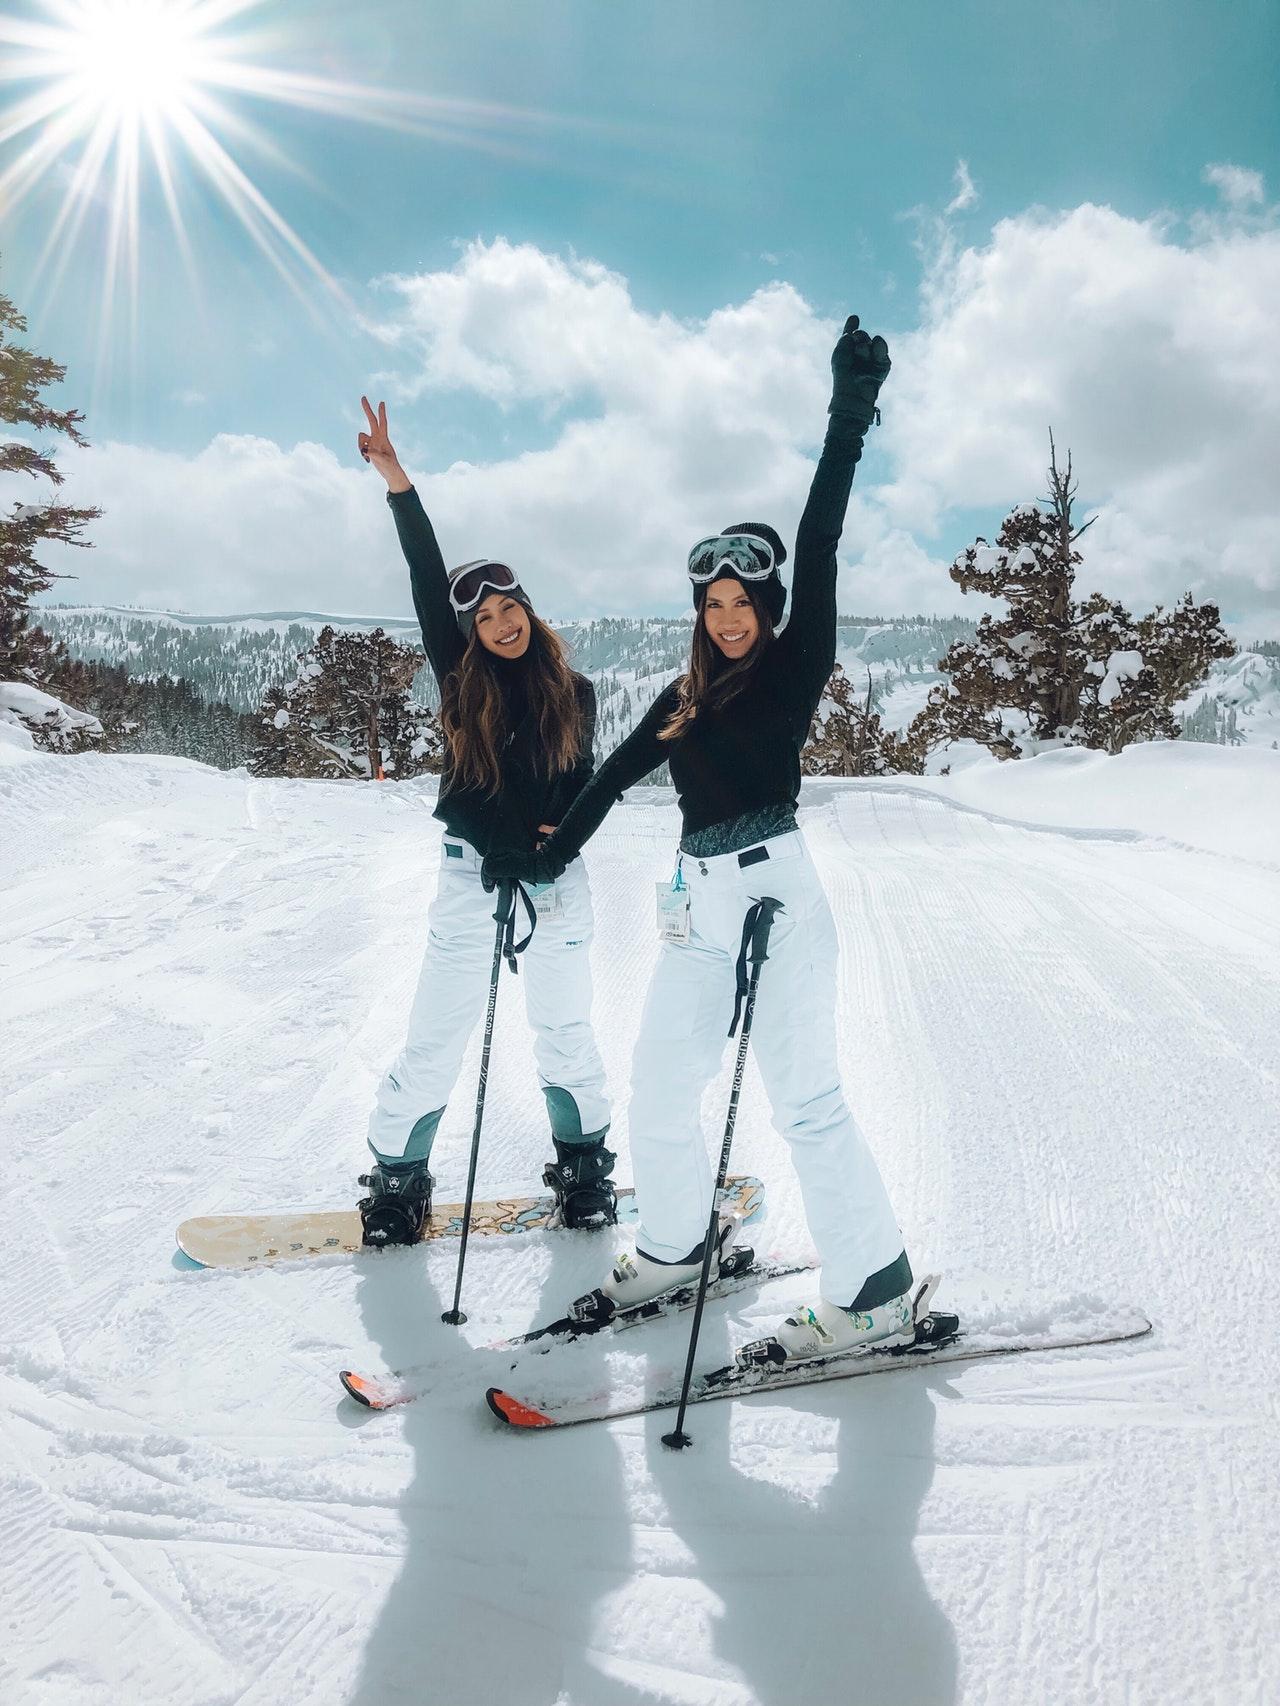 Settimana bianca gay-friendly: 2 viaggi da fare (sulla neve) se siete amanti dell'avventura!